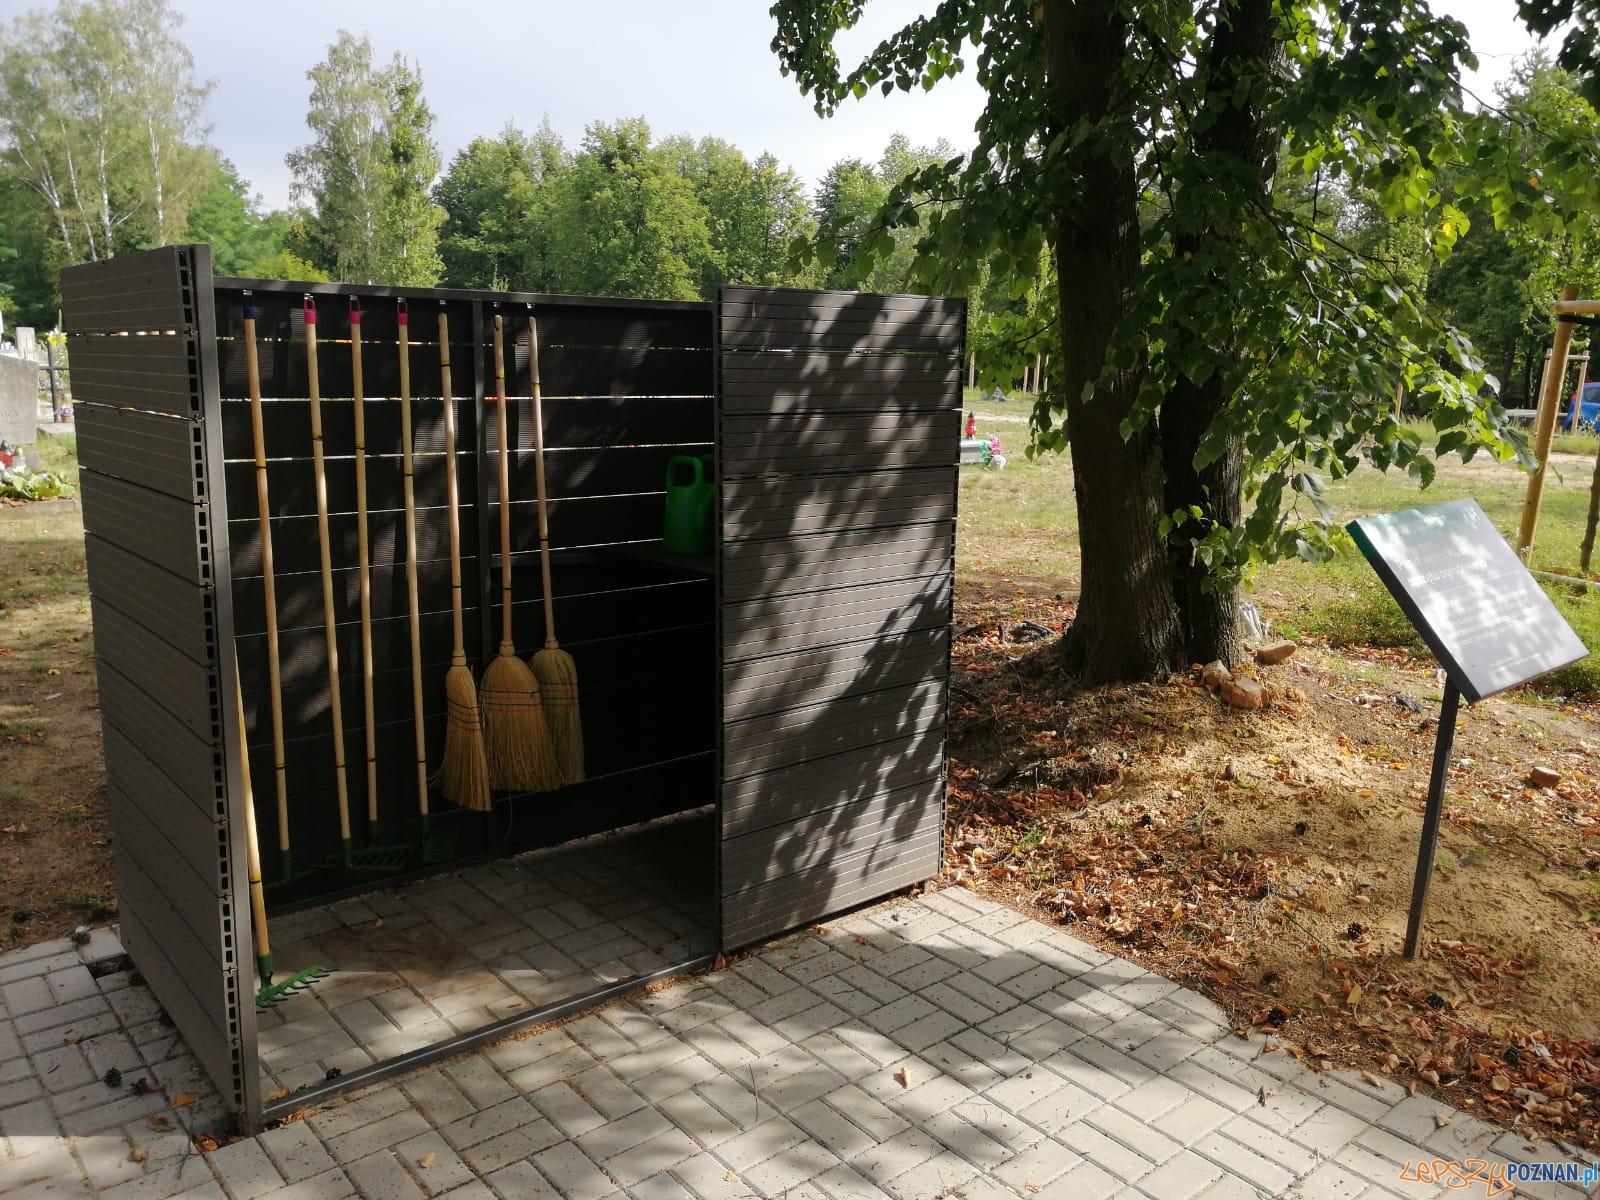 Wypożyczalnie sprzętu ogrodowego na cmentarzach  Foto: materiały prasowe / UMP